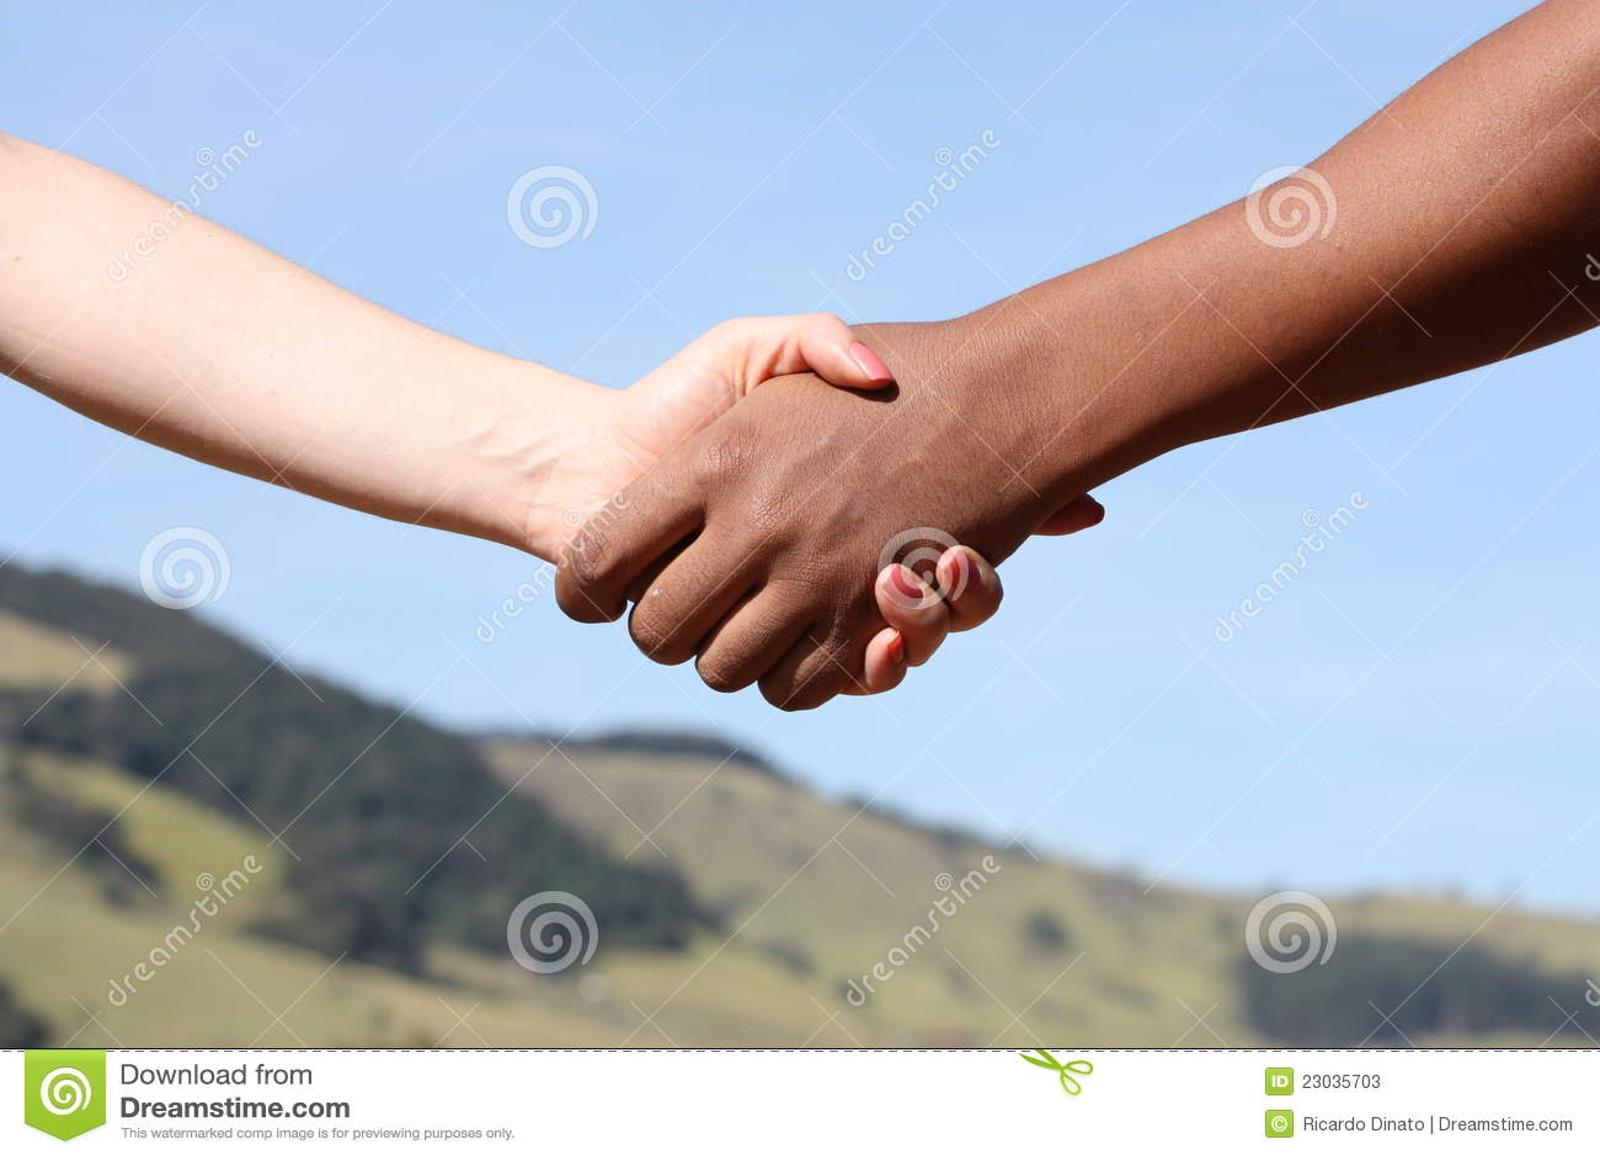 Weißes mädchen zwischen verschiedenen rassen datierung